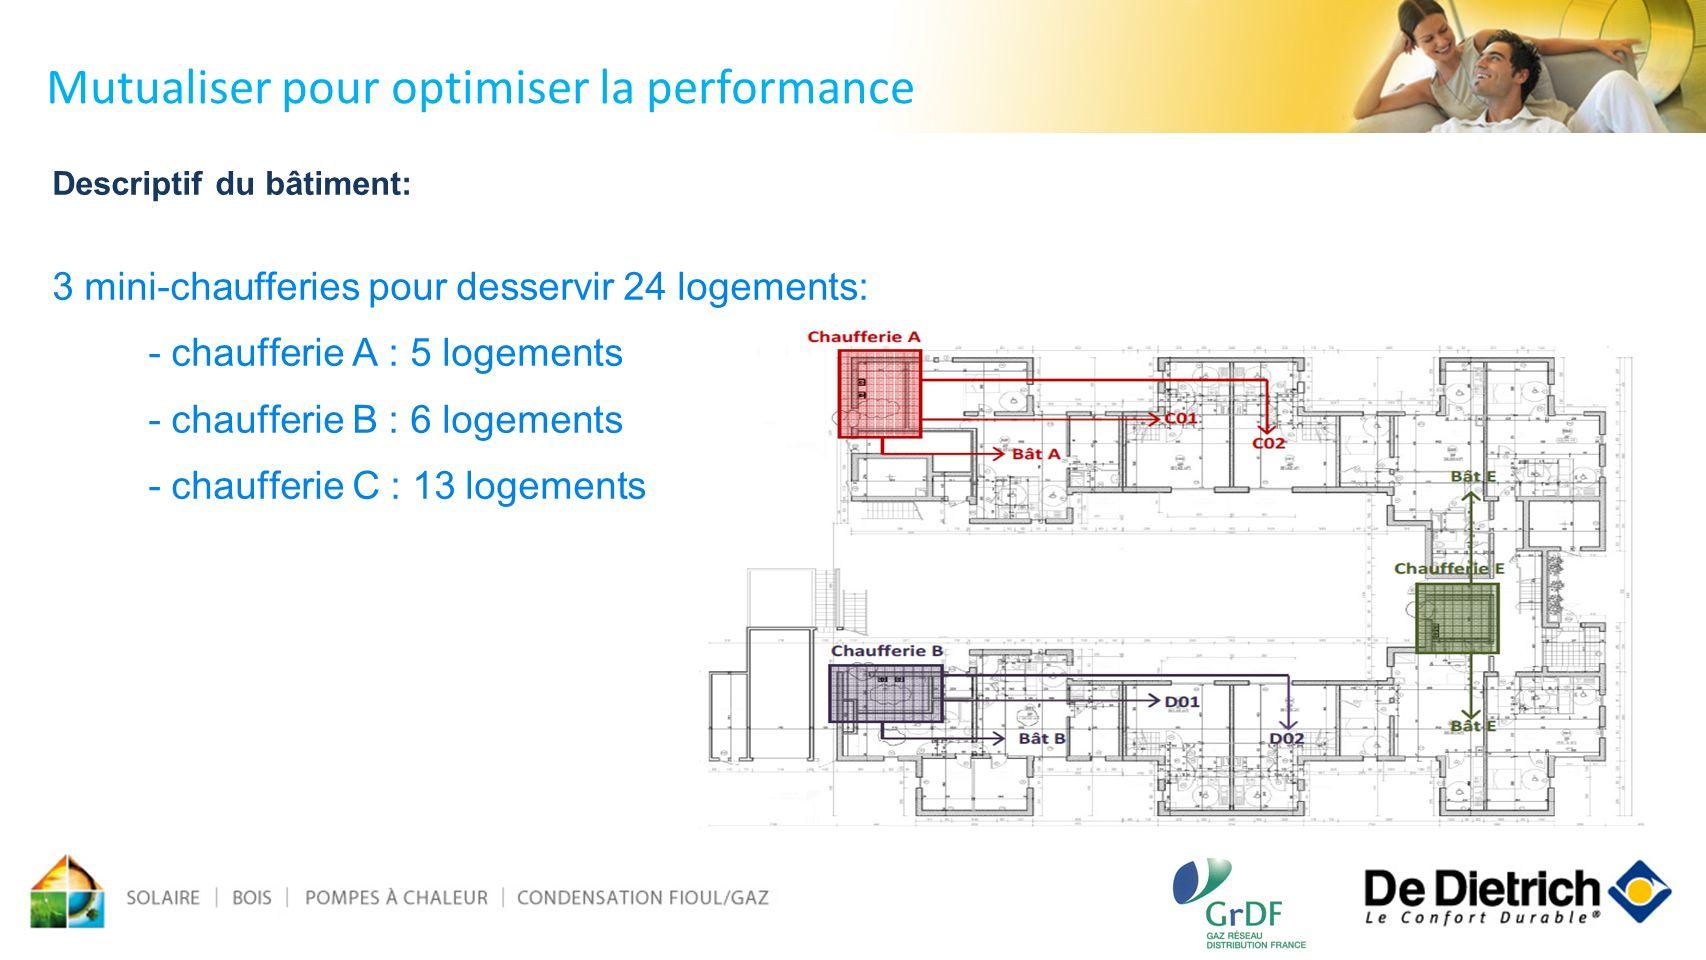 Descriptif du bâtiment: 3 mini-chaufferies pour desservir 24 logements: - chaufferie A : 5 logements - chaufferie B : 6 logements - chaufferie C : 13